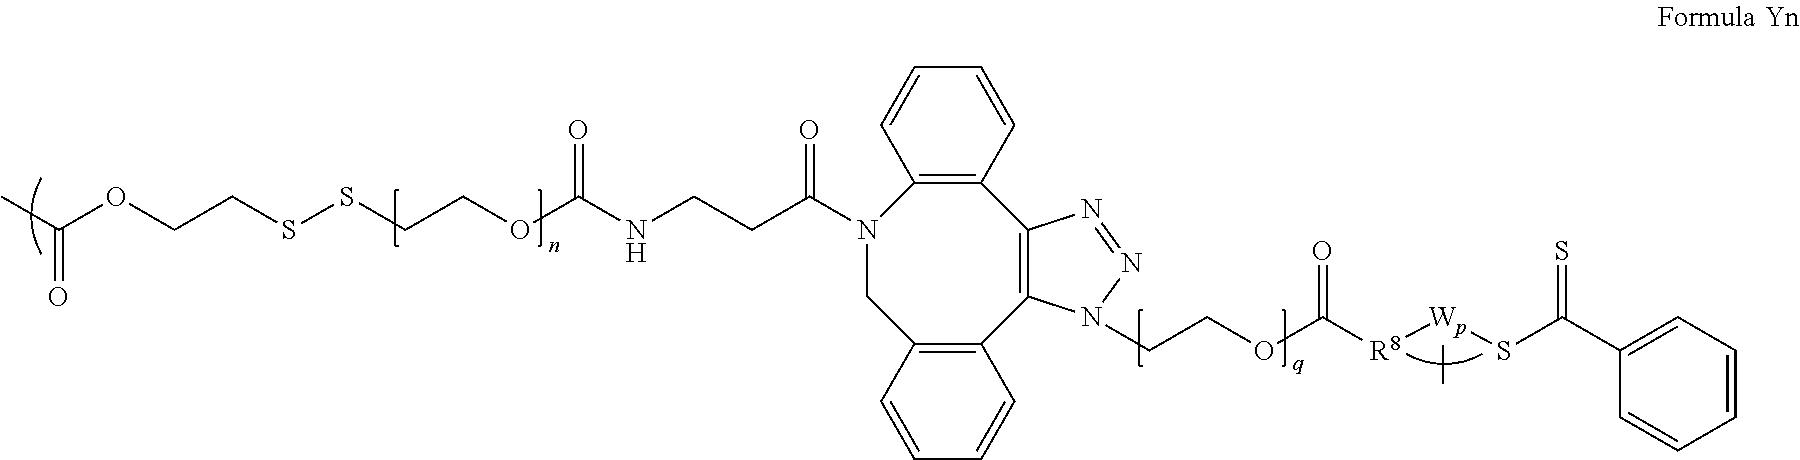 Figure US10046056-20180814-C00018